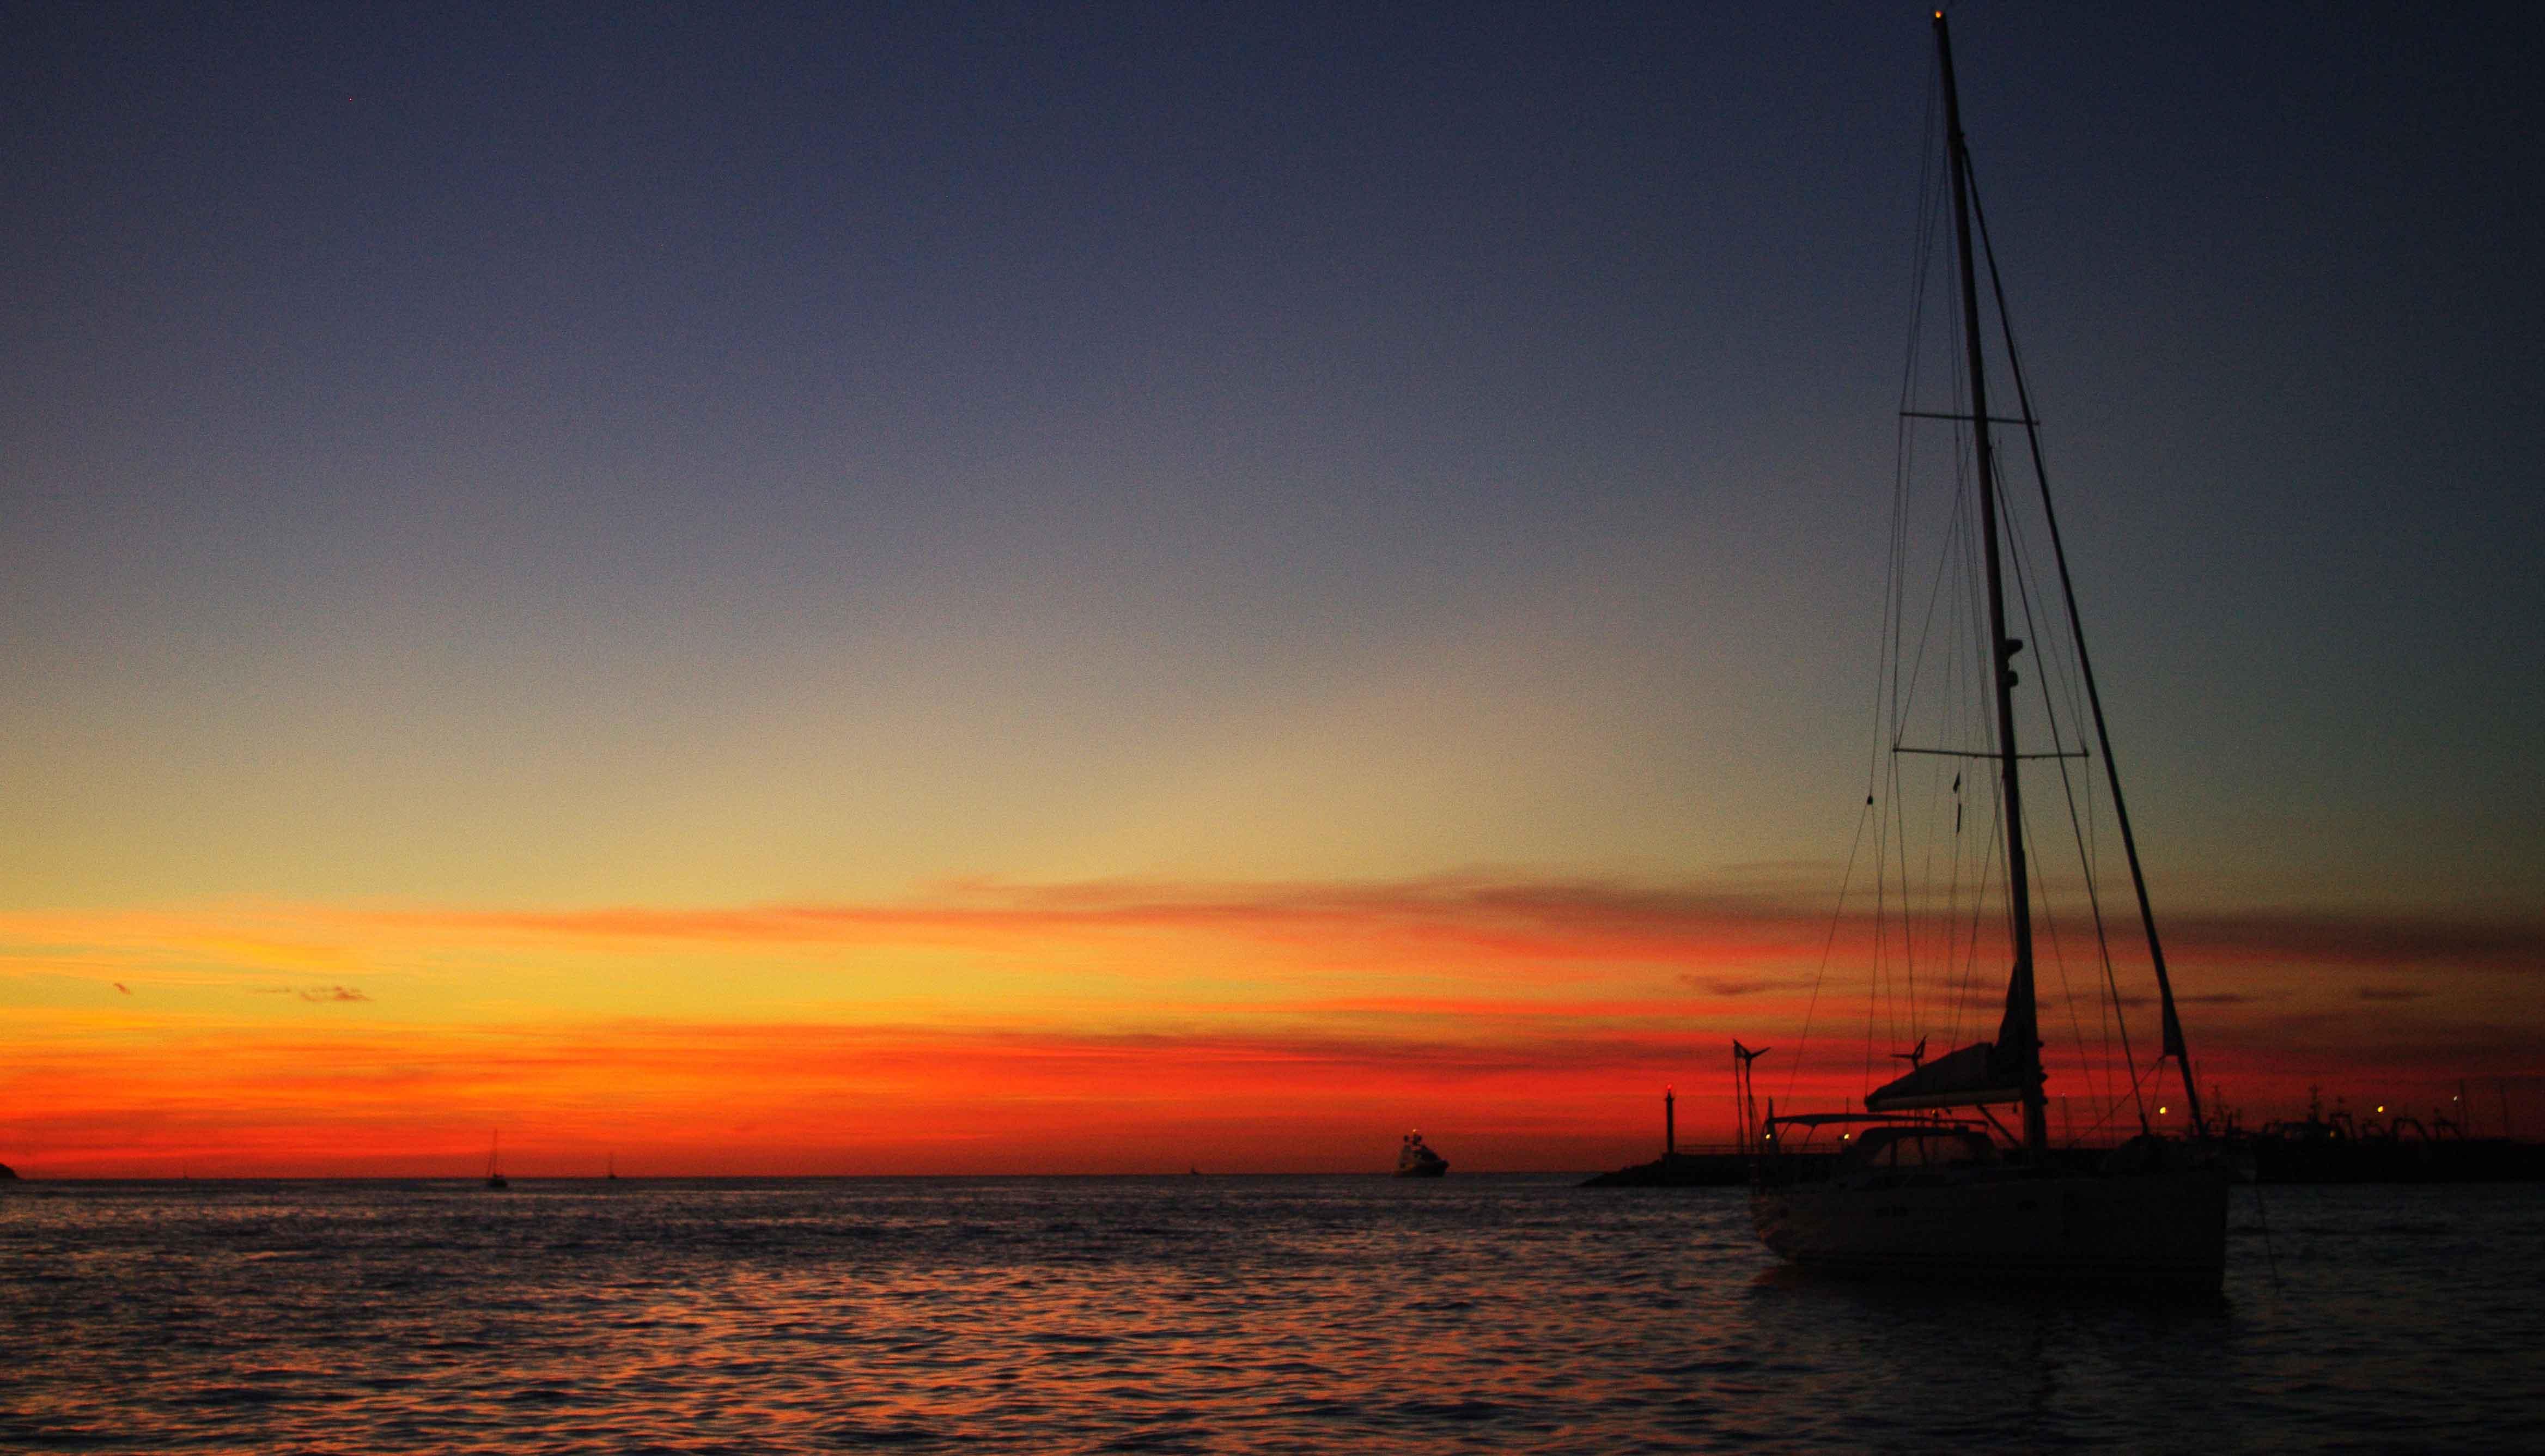 Con la opción de aprender el manejo básico de un barco velero. Brindaremos a la puesta de Sol.